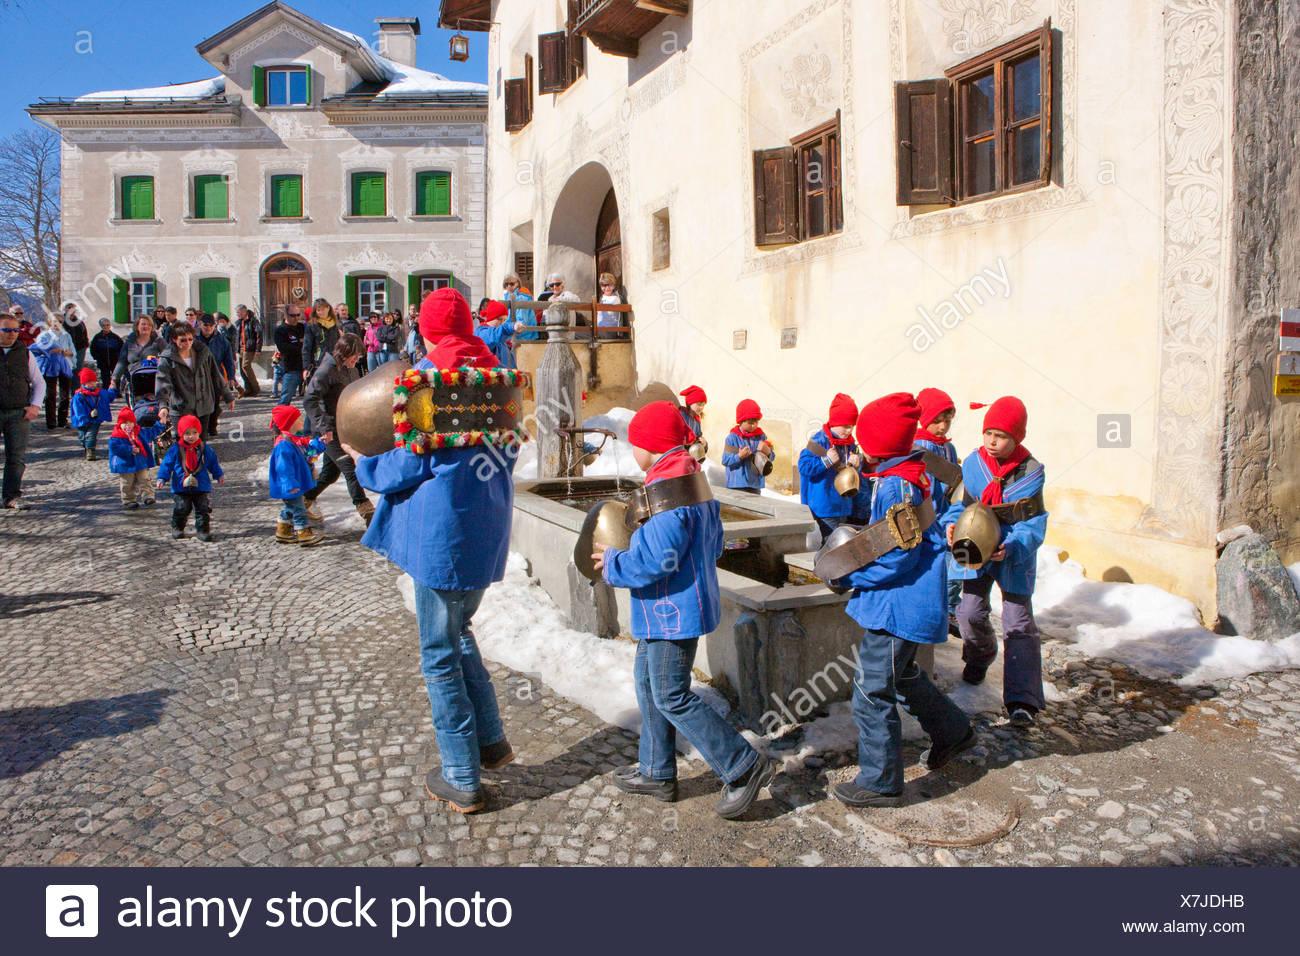 Chalandamarz, benutzerdefinierte, Guarda, Unterengadin, Tradition, Folklore, Trachten, Kind, Kinder, Trachten, National Stockbild